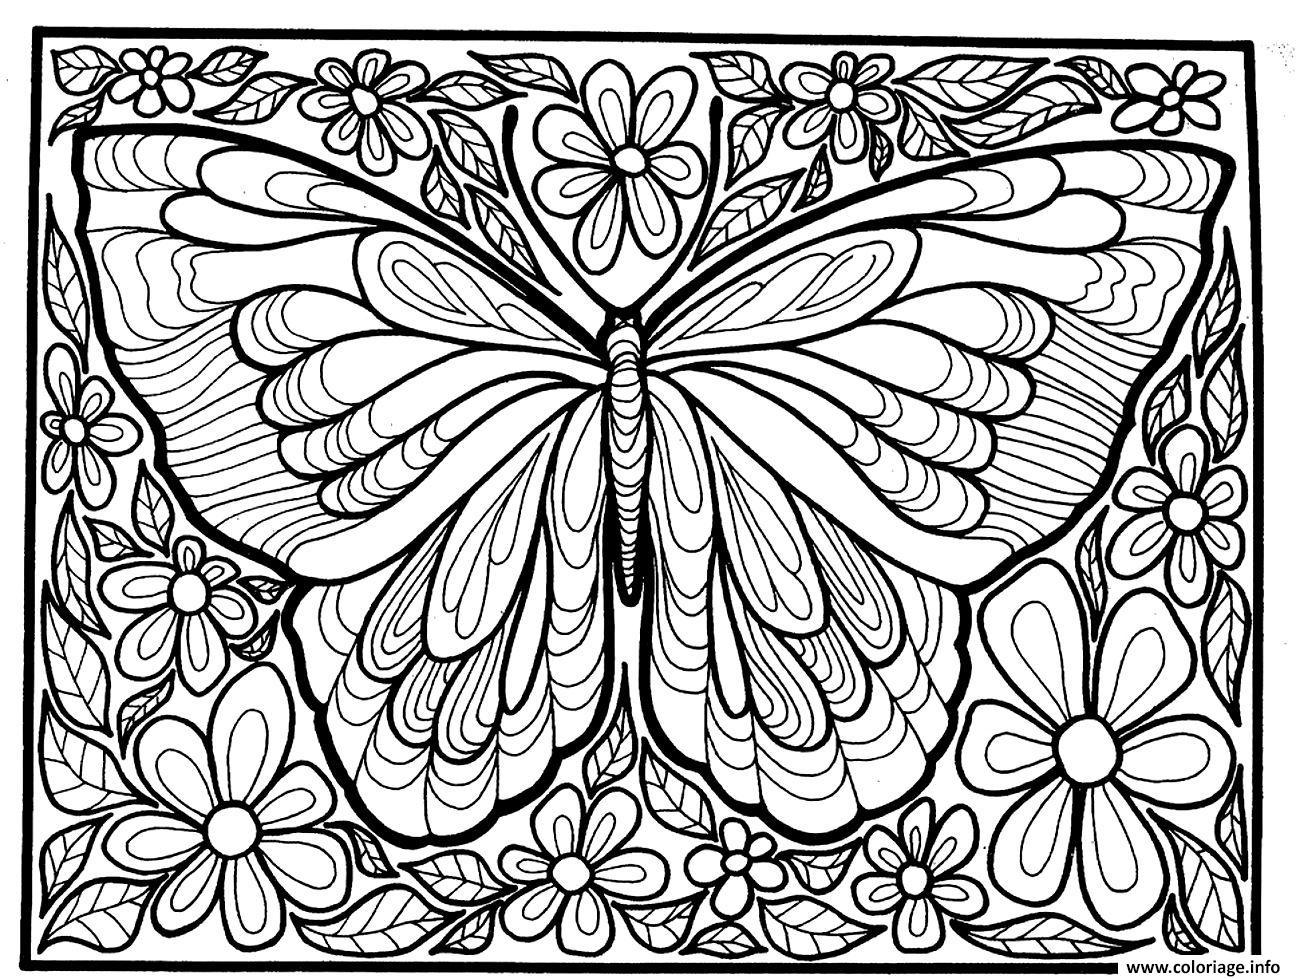 Coloriage Adulte Difficile Grand Papillon Dessin à Dessin A Imprimer Papillon Gratuit